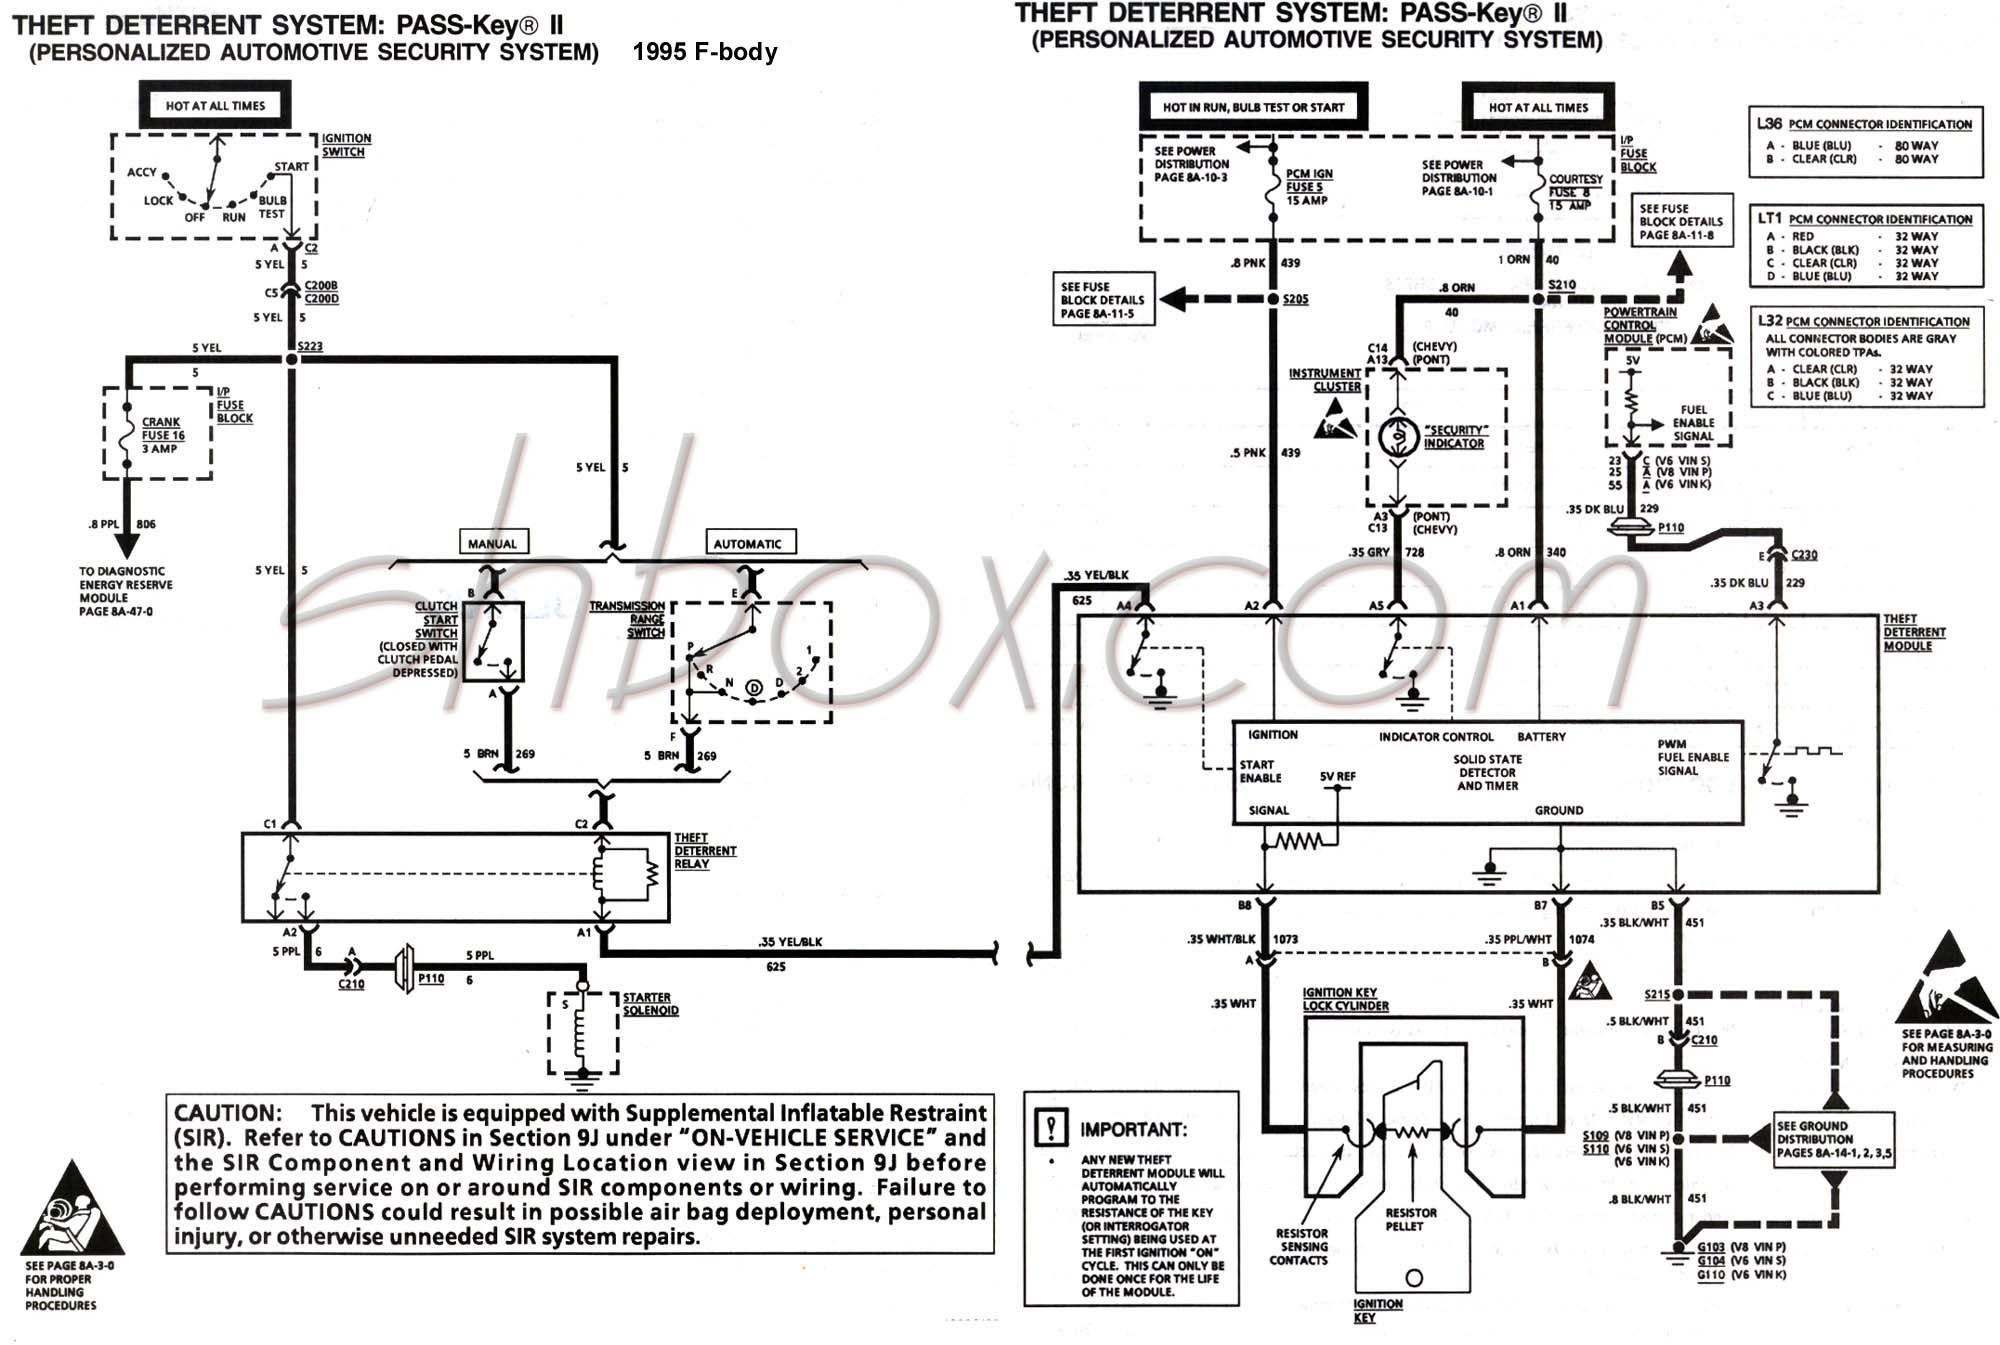 2000 Buick Century Engine Diagram Buick Regal Wiring Diagram Trunk Buick Wiring Diagrams Instructions Of 2000 Buick Century Engine Diagram